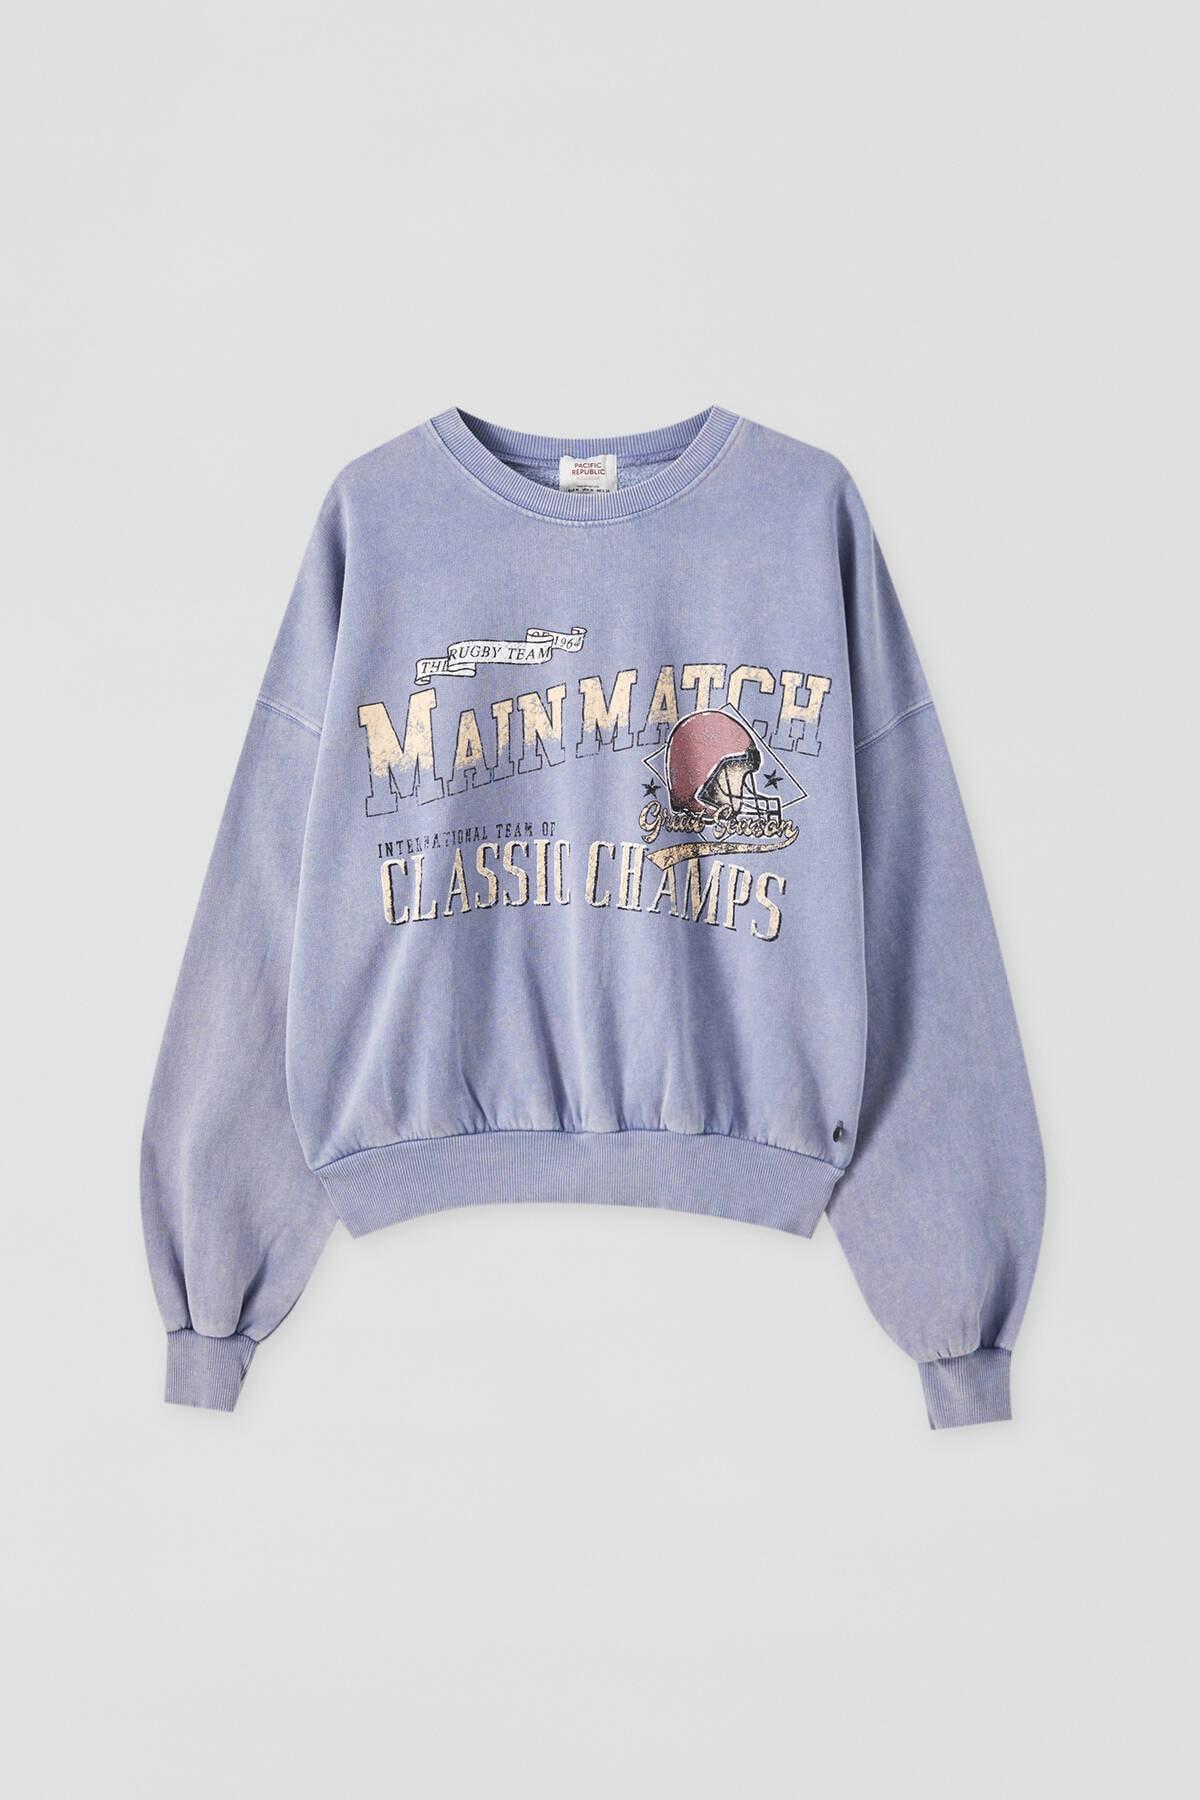 Pull & Bear Kadın Bulut Mavisi Kontrast Sloganlı Sweatshirt 09594307 4